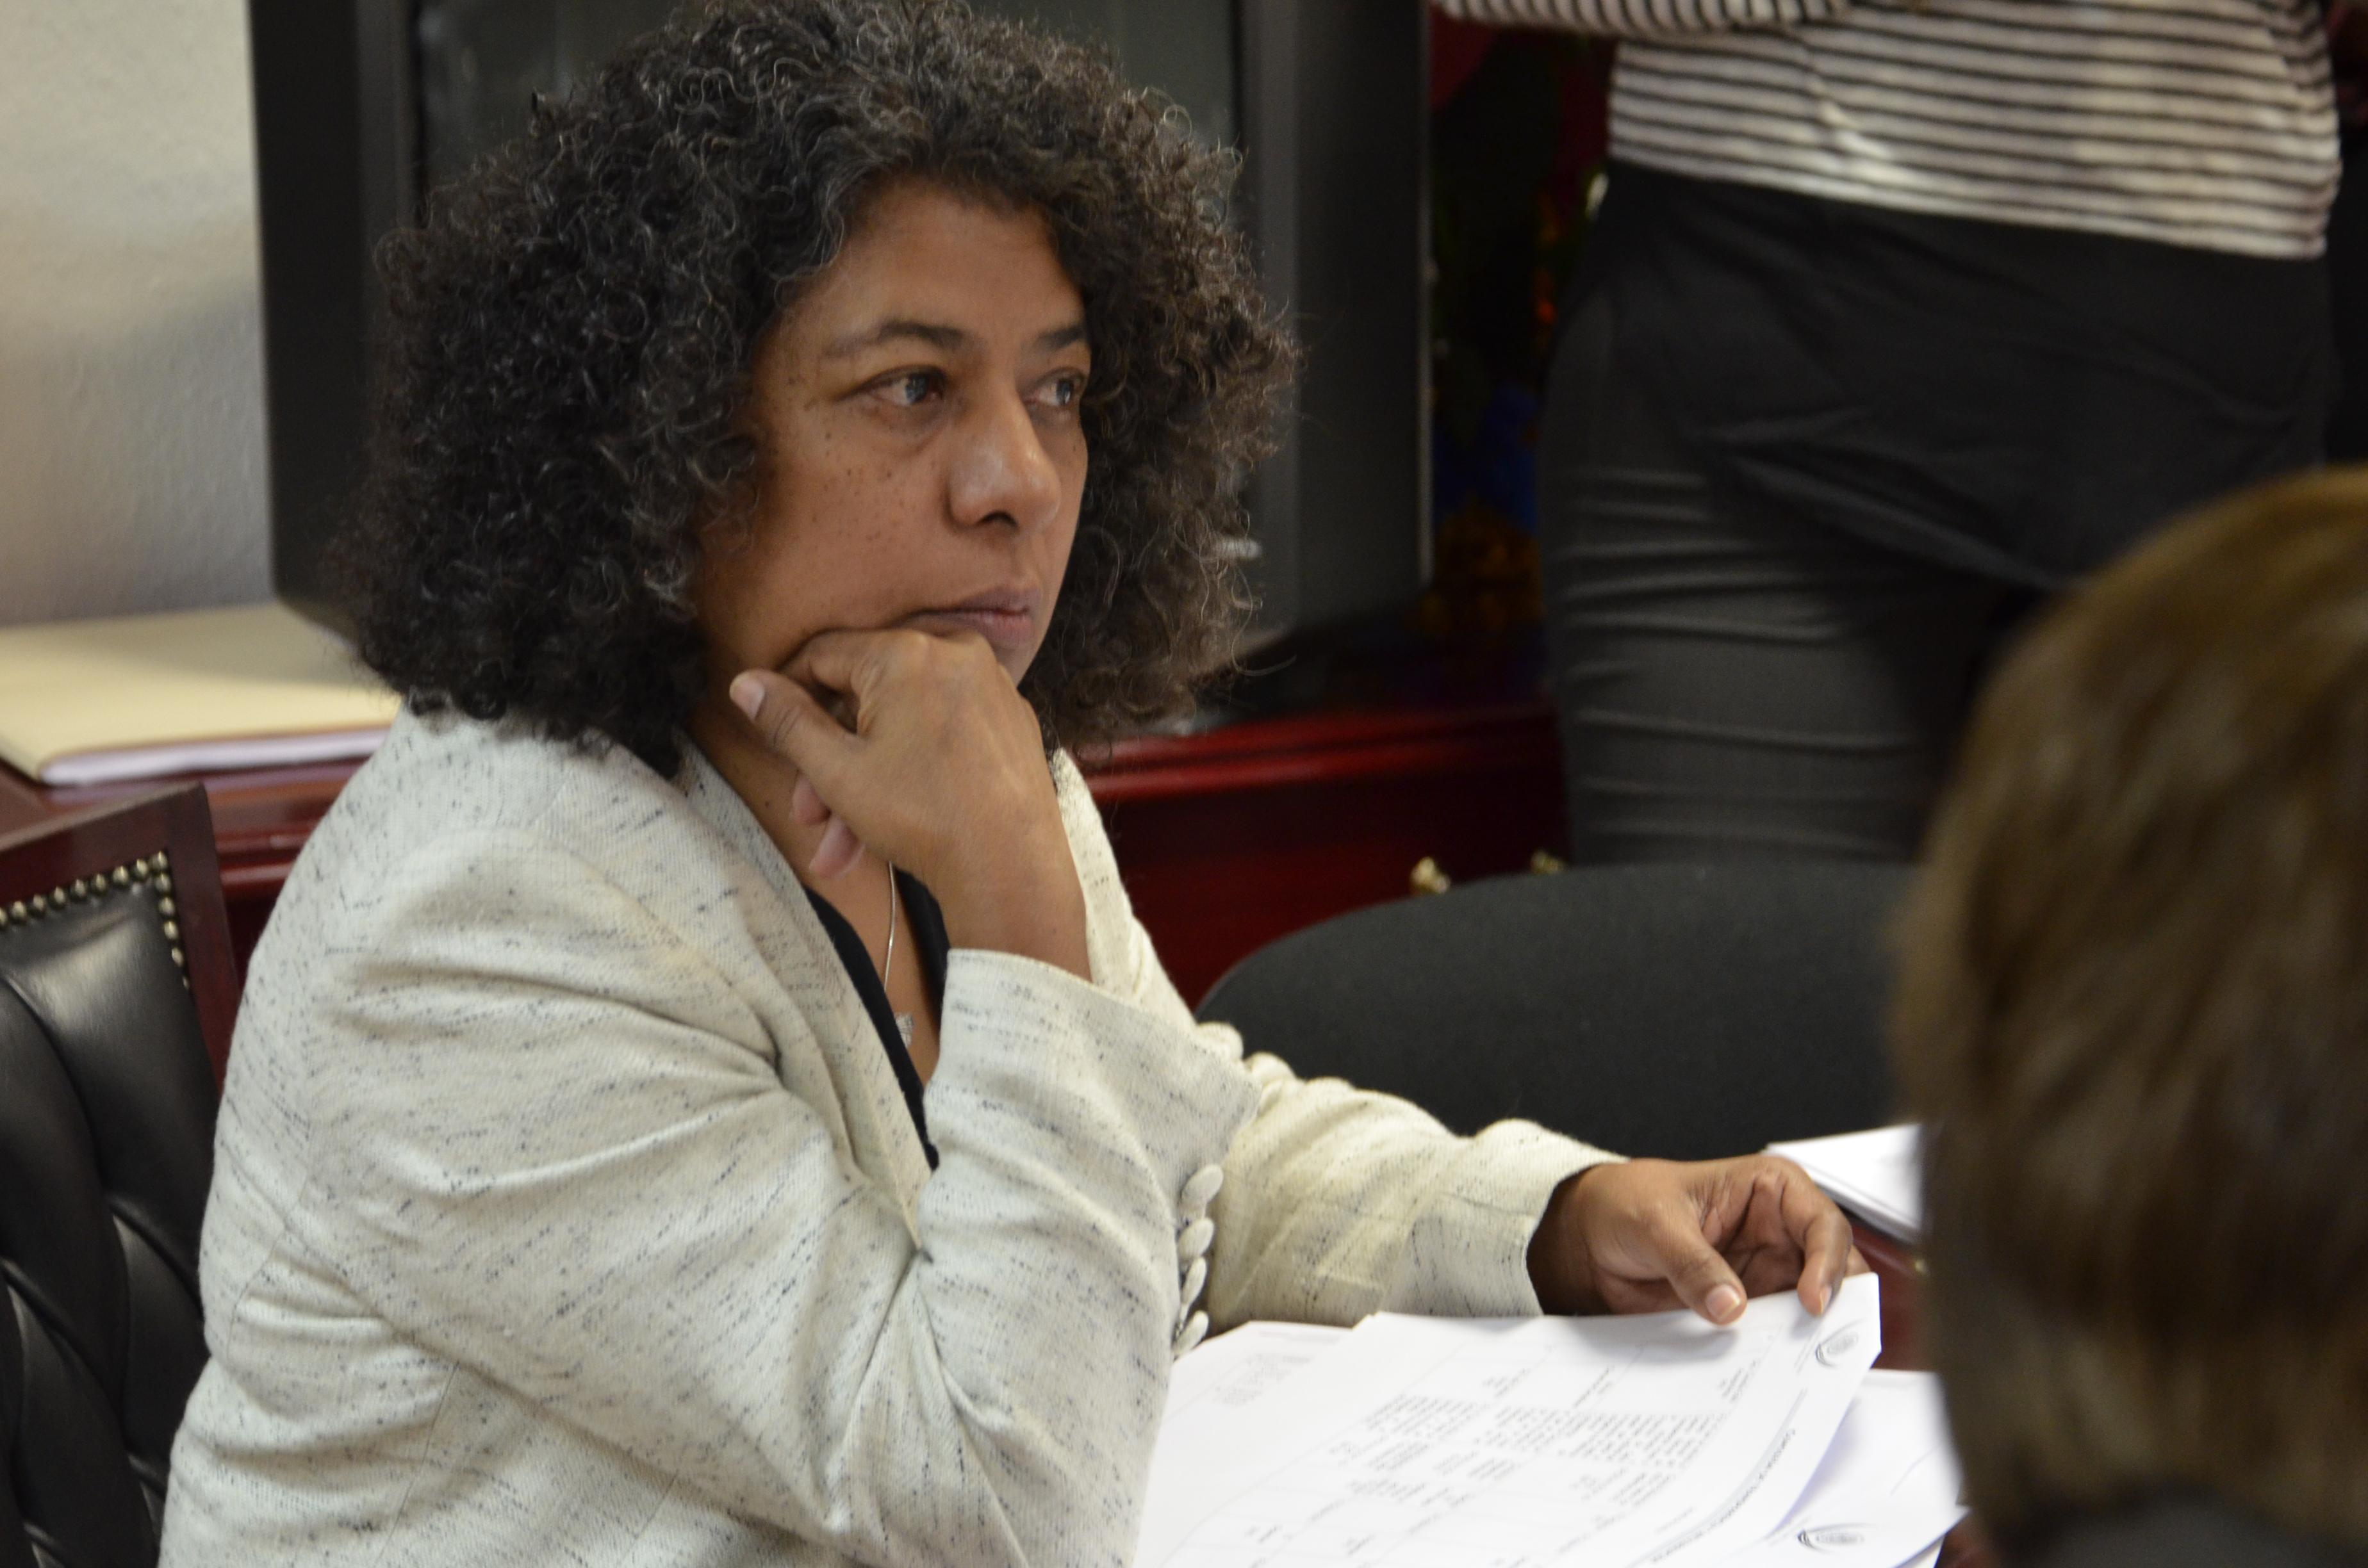 CANDELARIA OCHOA, HACE UN LLAMADO AL PODER JUDICIAL A INCORPORAR MUJERES EN SUS FILAS